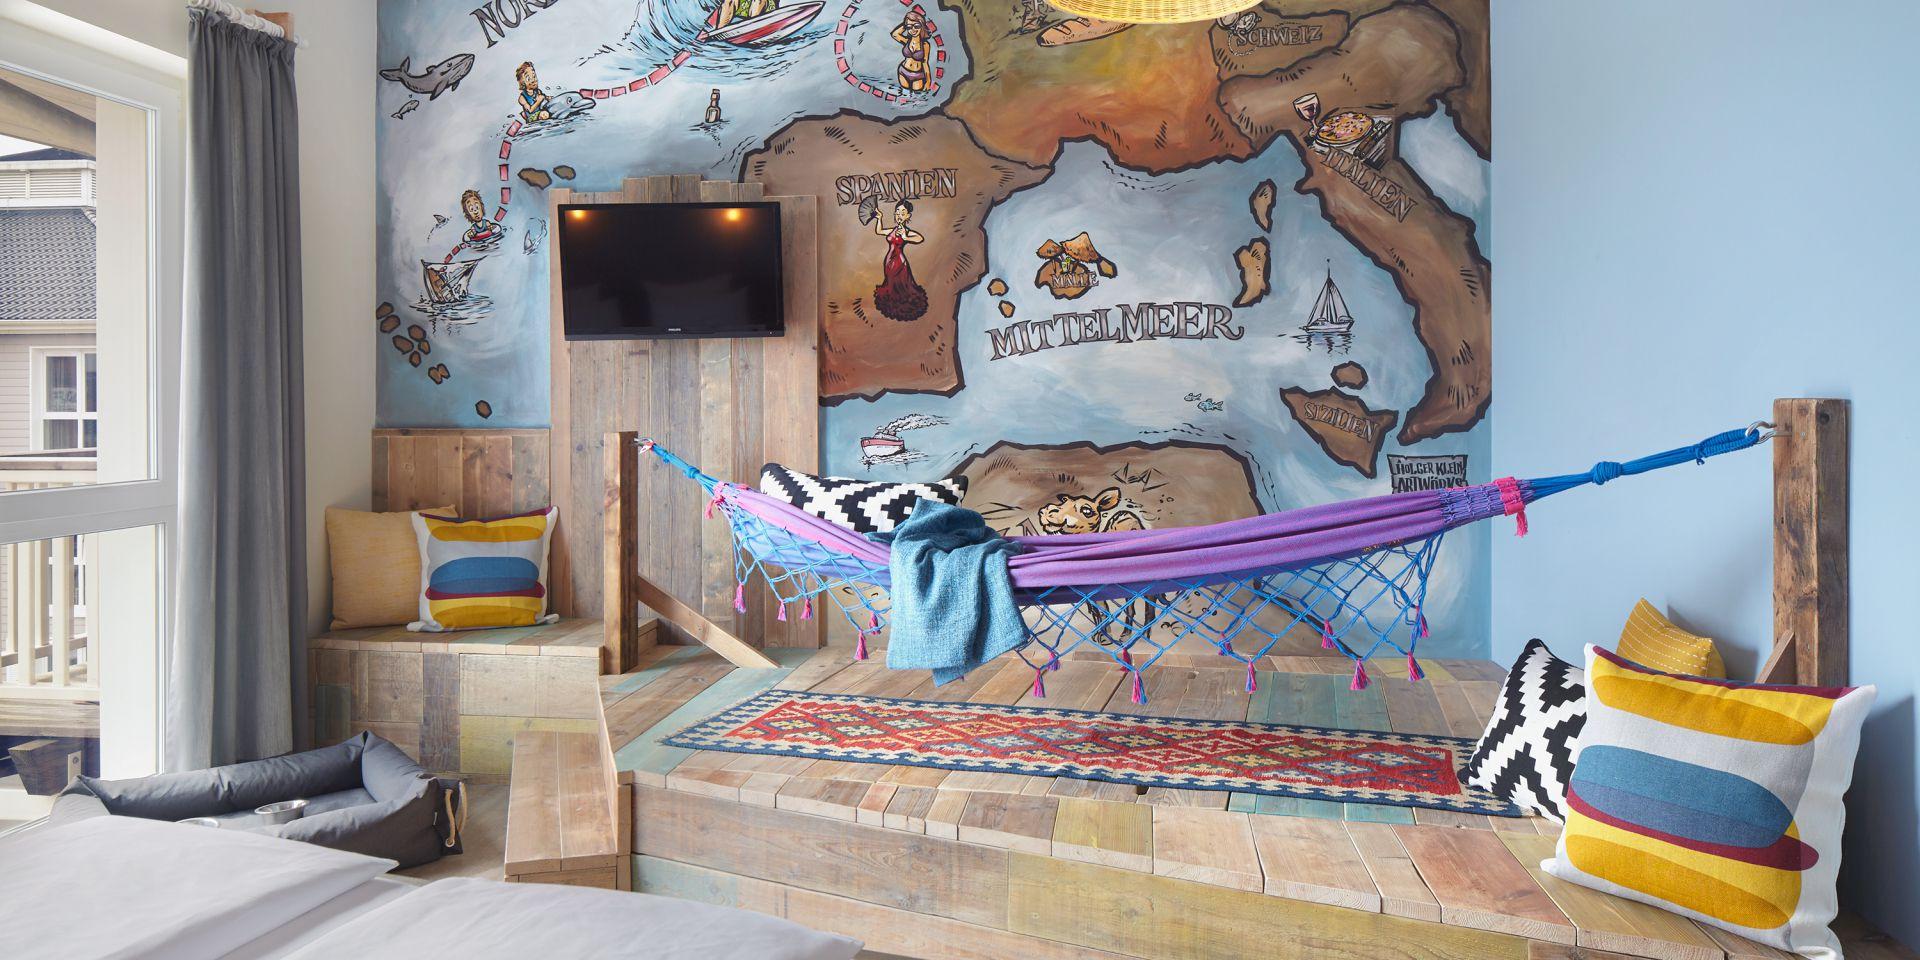 Designhotel nordsee beach motel st peter ording for Designhotel 54